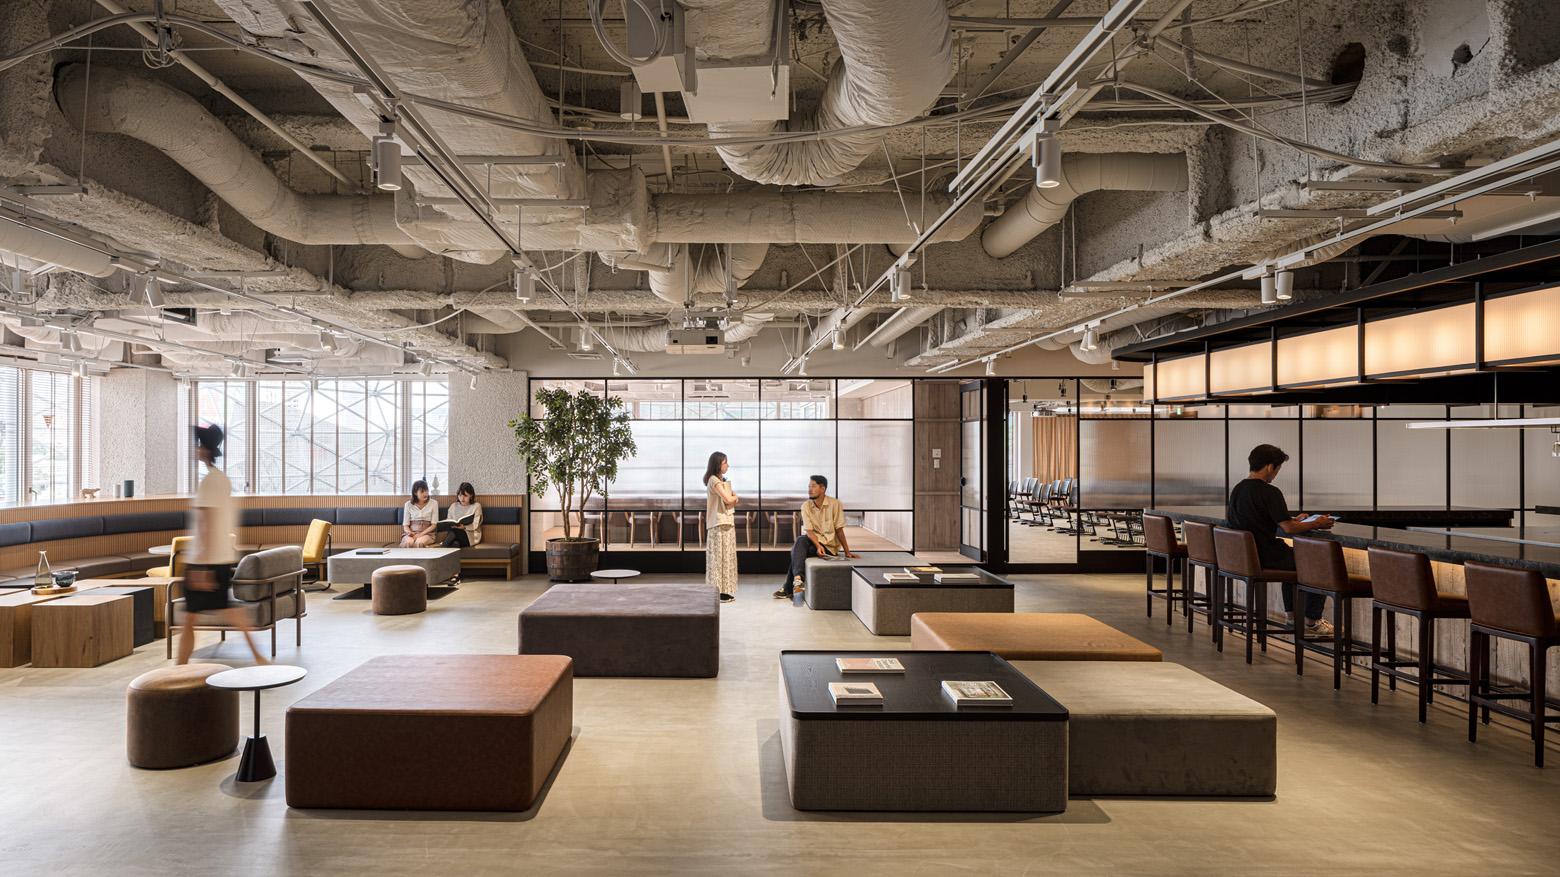 株式会社アトラエ vol.3 Work Lounge デザイン・レイアウト事例